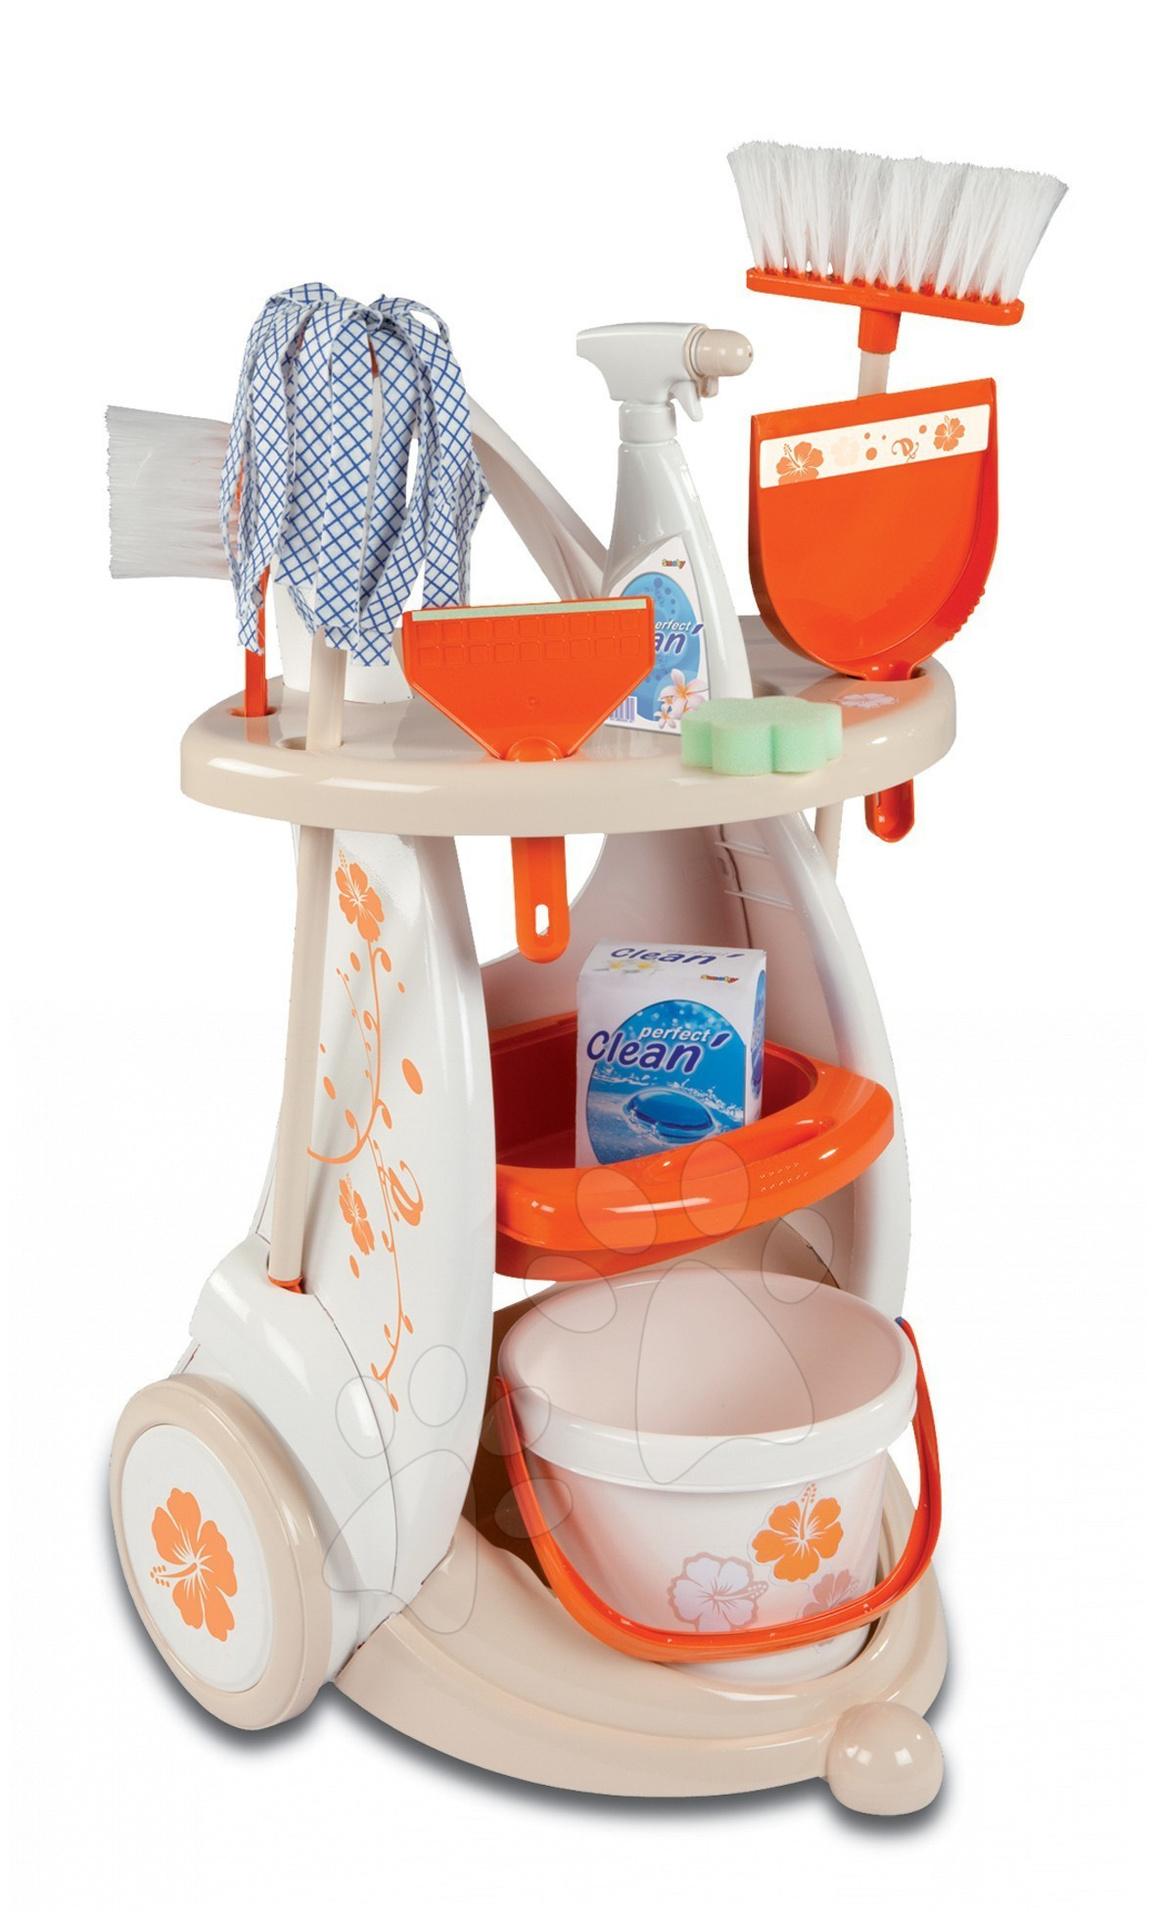 Smoby 24617 Čistilni voziček Clean service New 38*38*59 cm